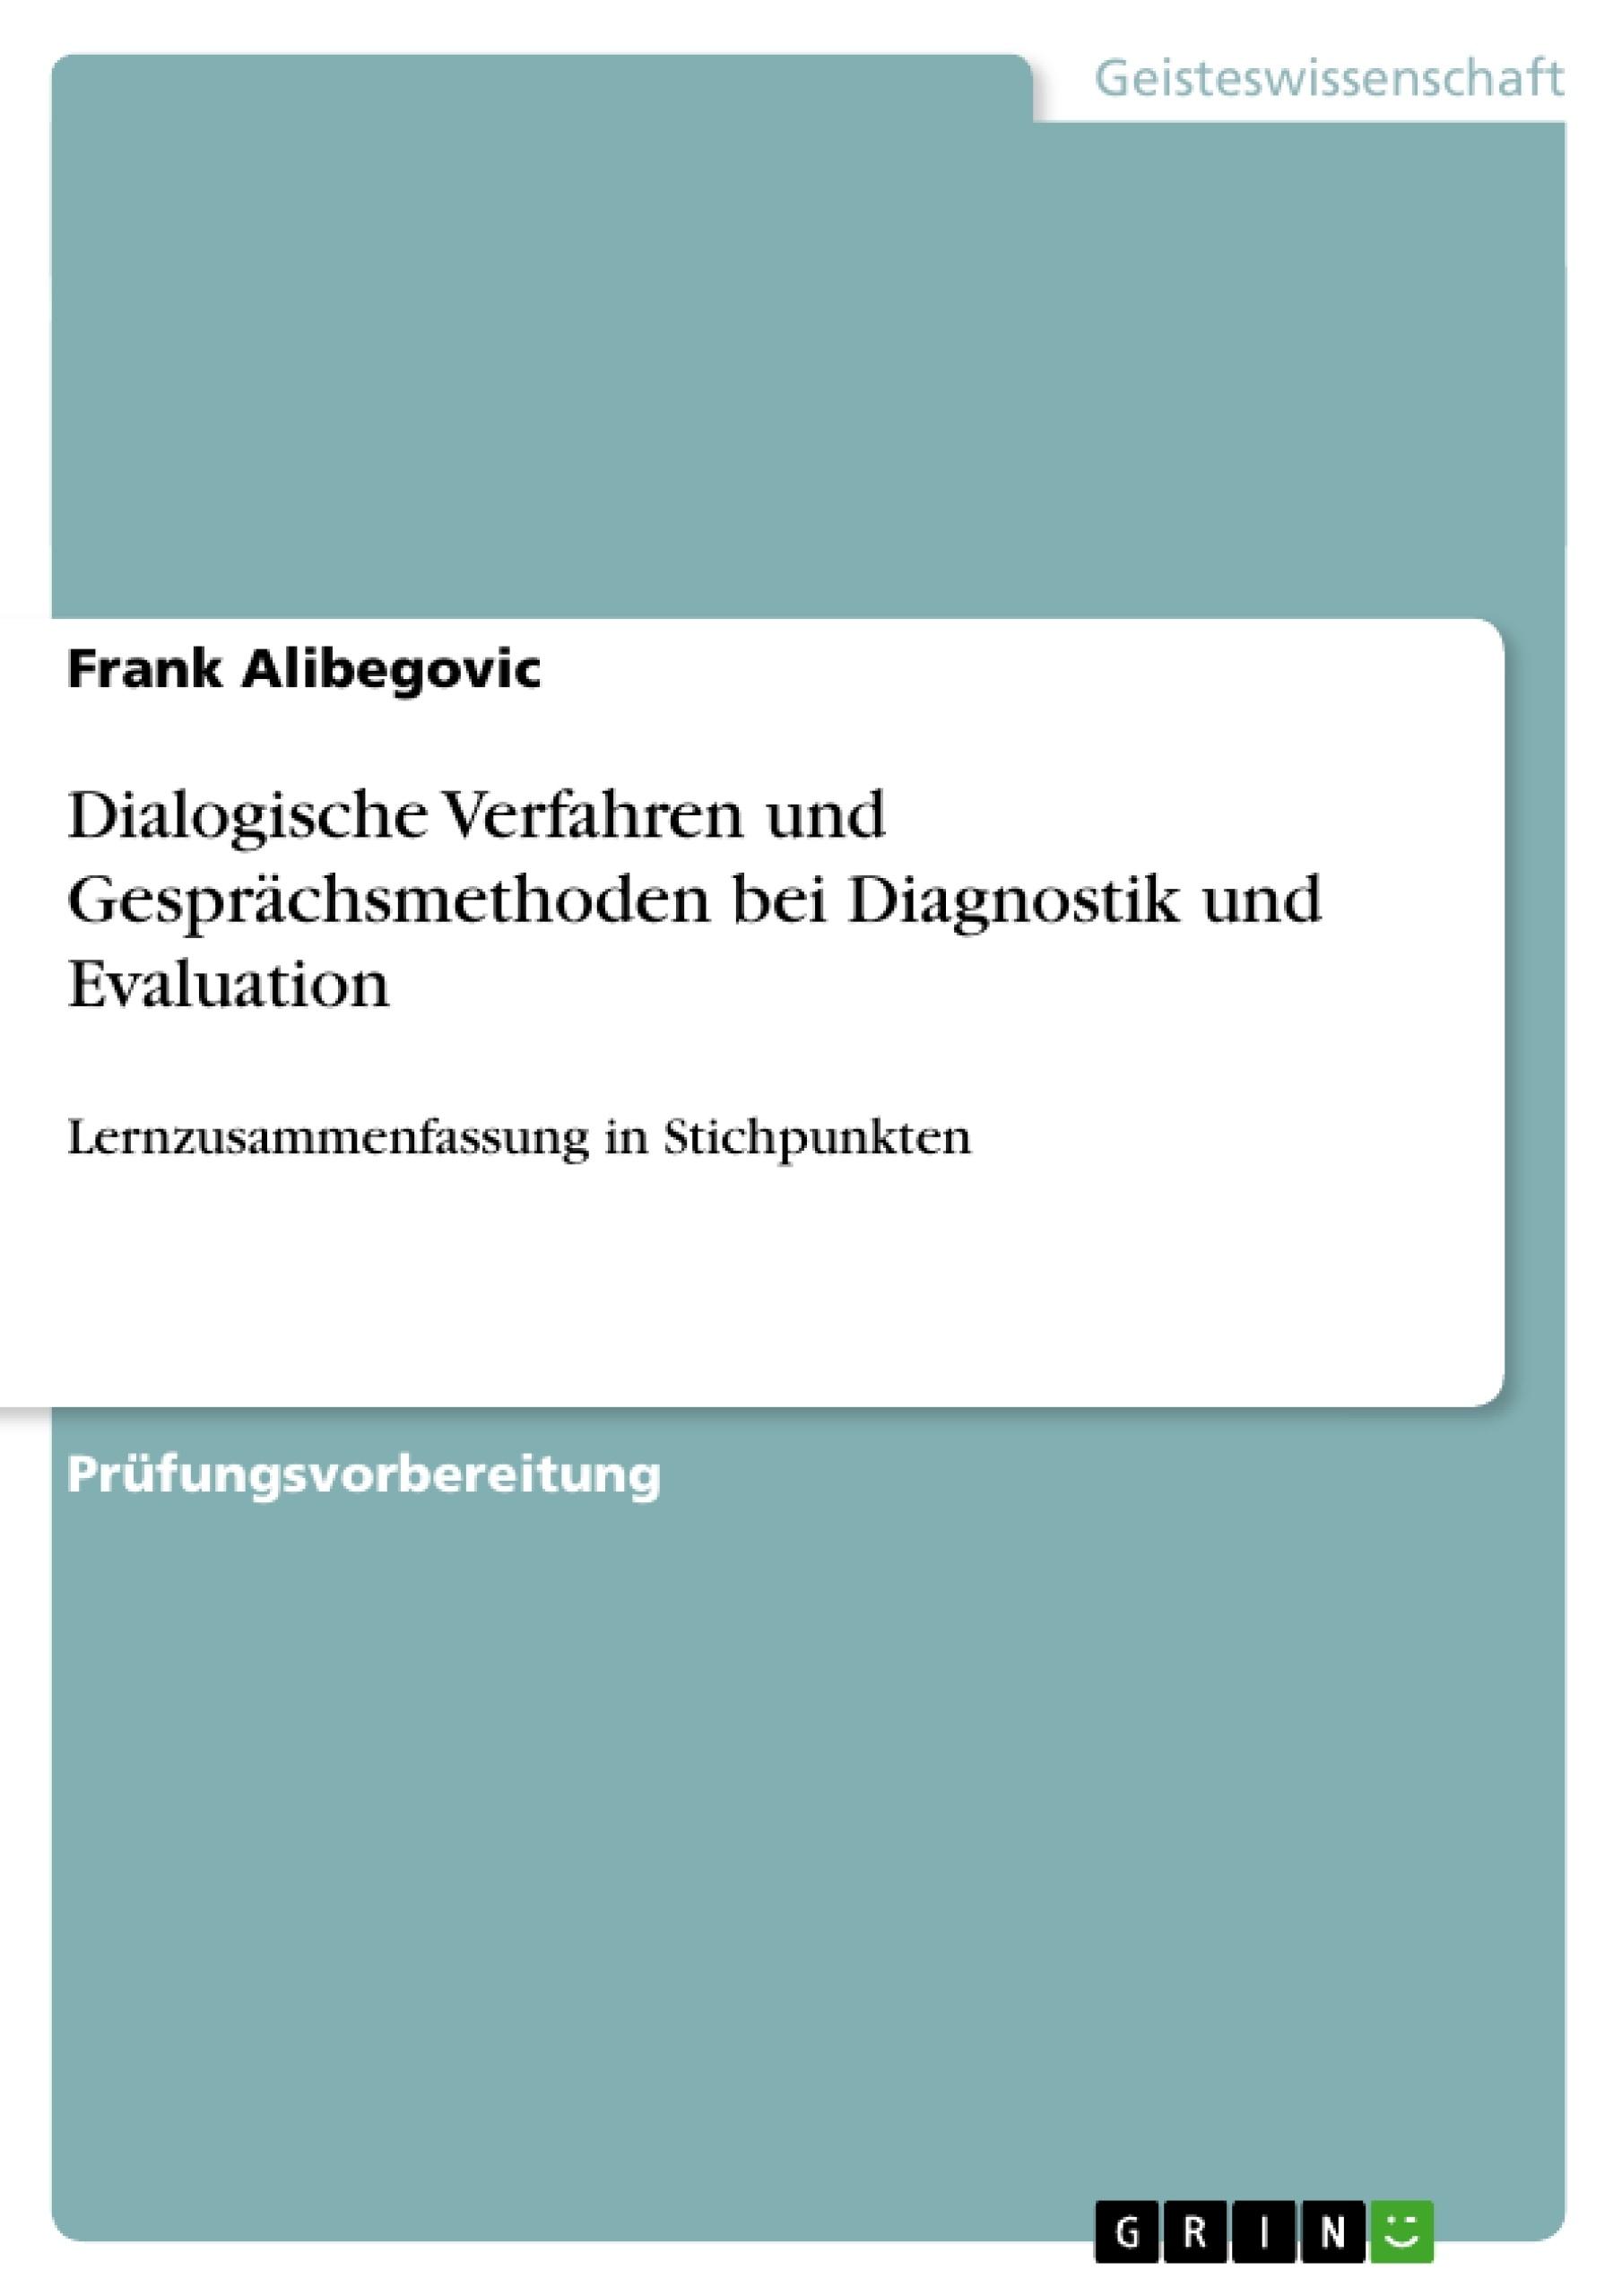 Titel: Dialogische Verfahren und Gesprächsmethoden bei Diagnostik und Evaluation